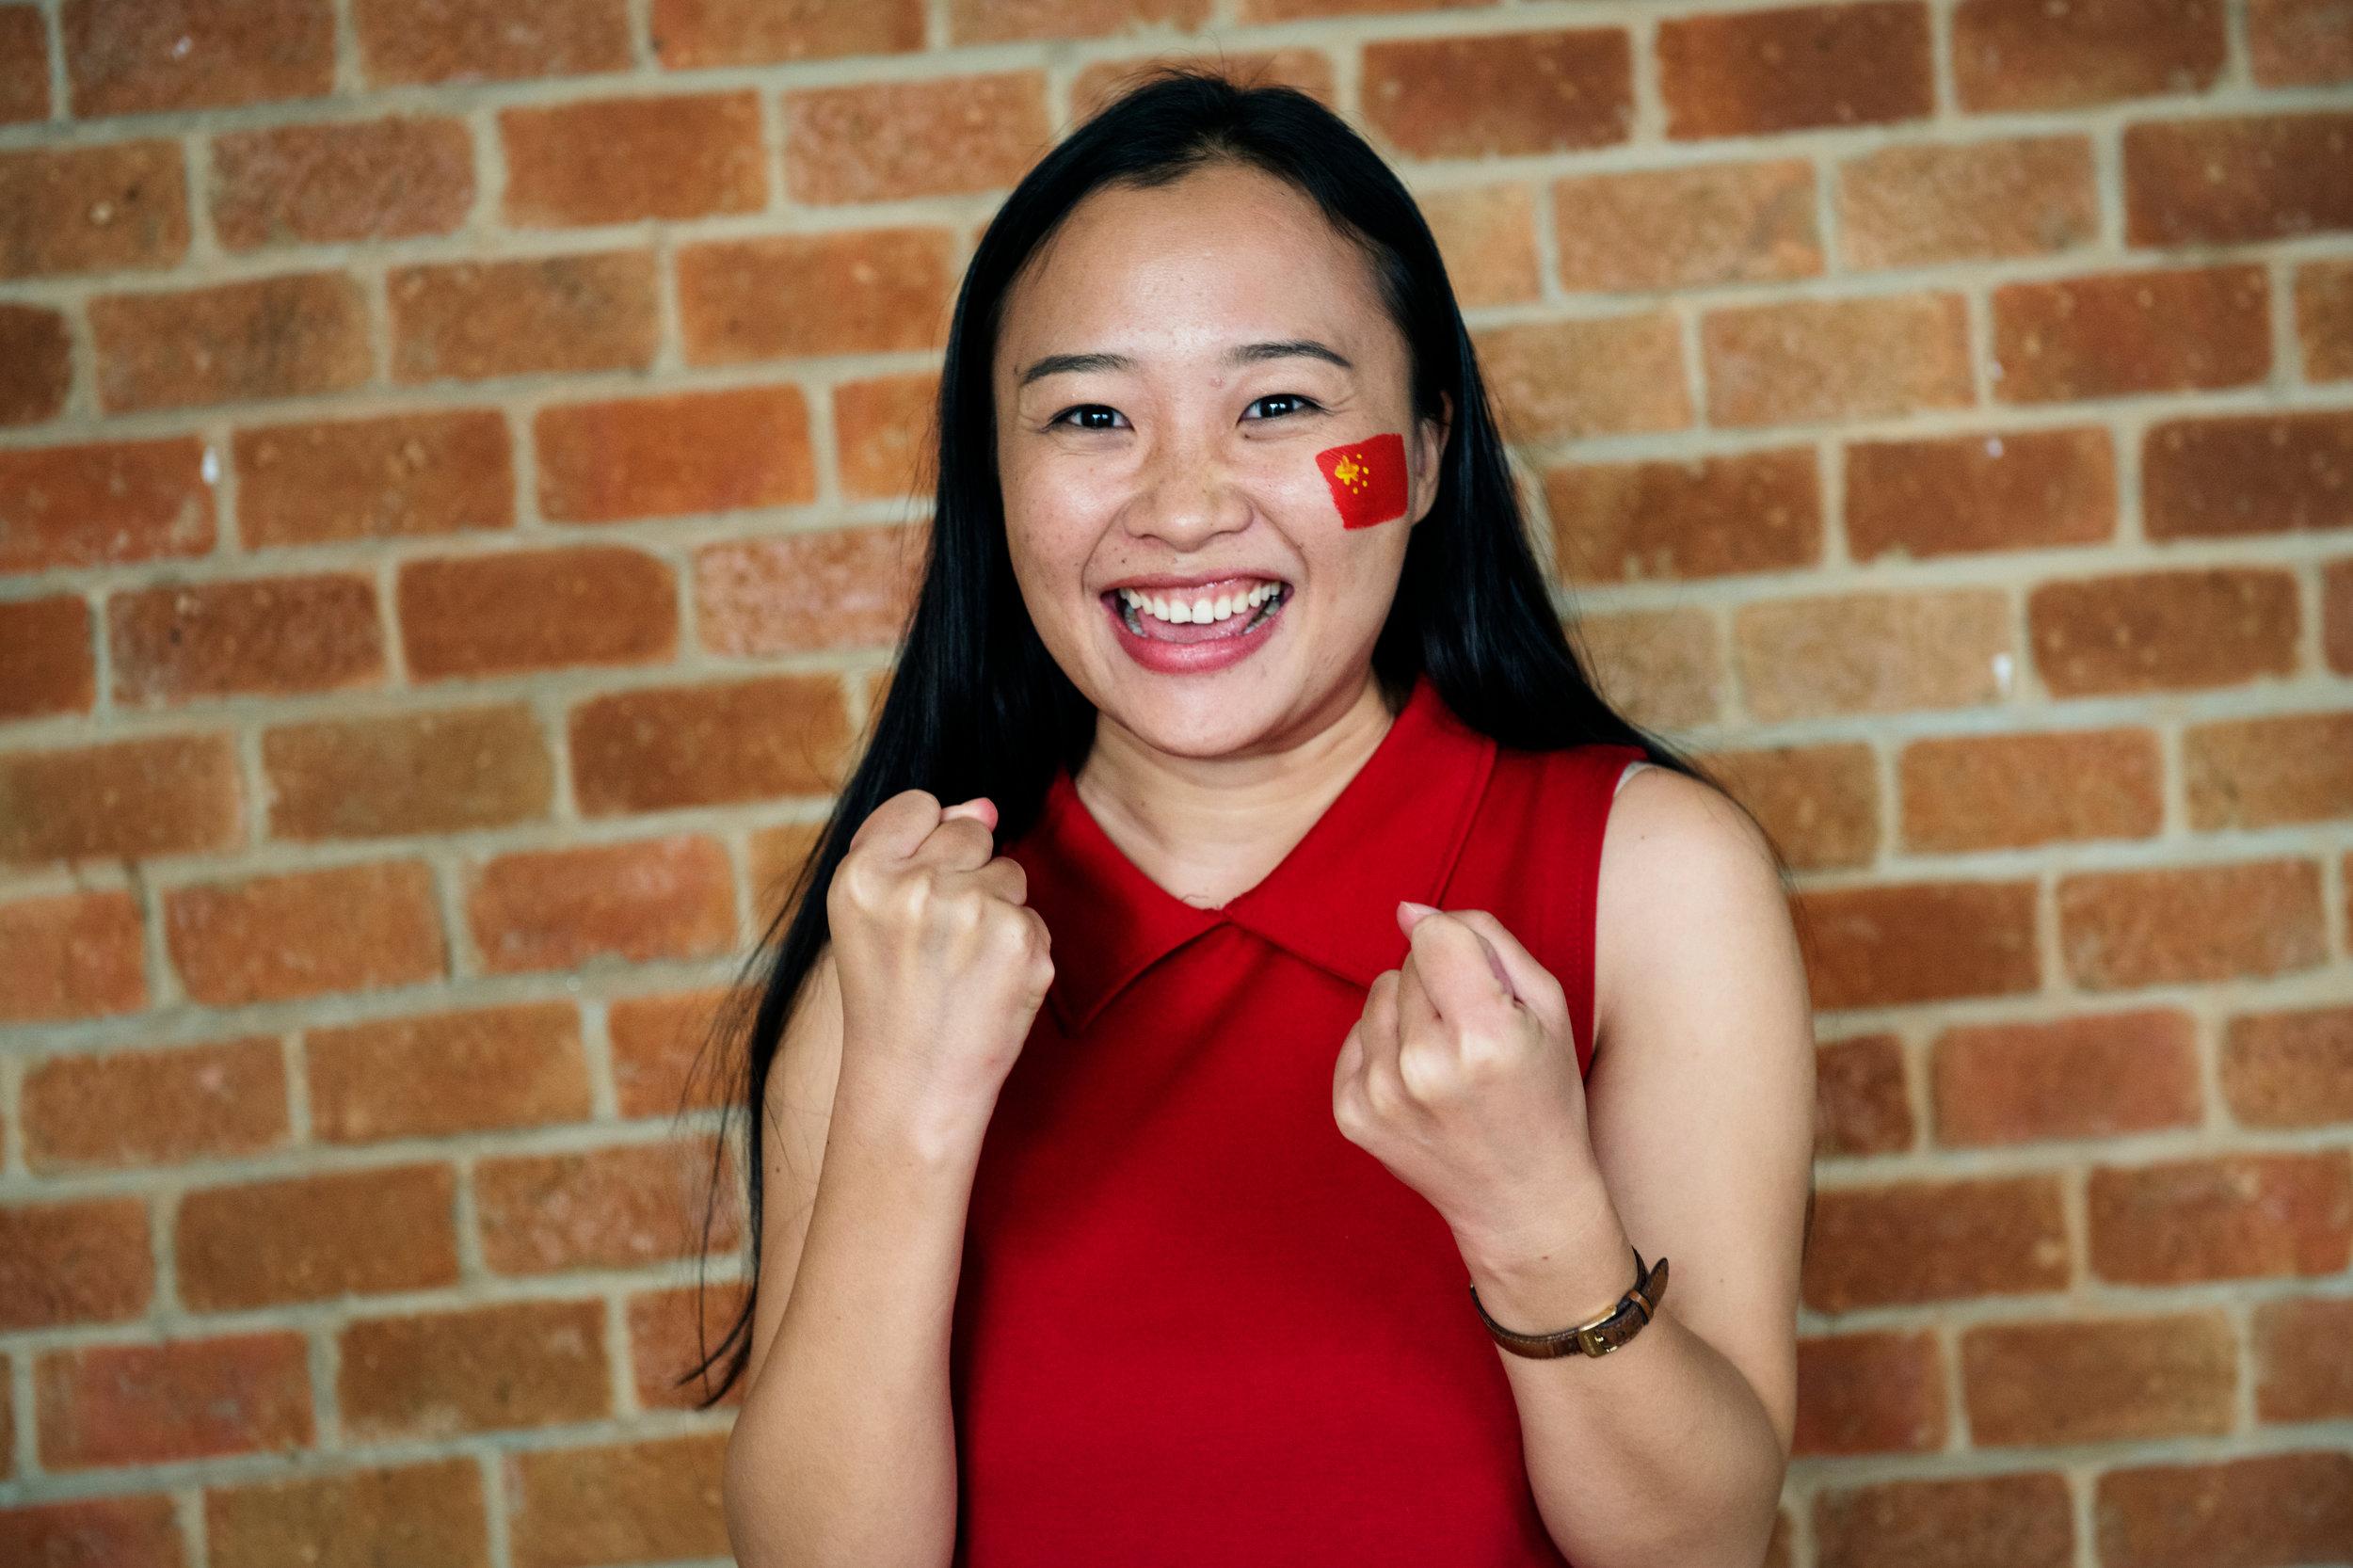 陸委會在蔡政府上任後,火速通過讓中國籍配偶得擔任公家機關及公立學校的臨時雇員。圖片來源:Envato Elements